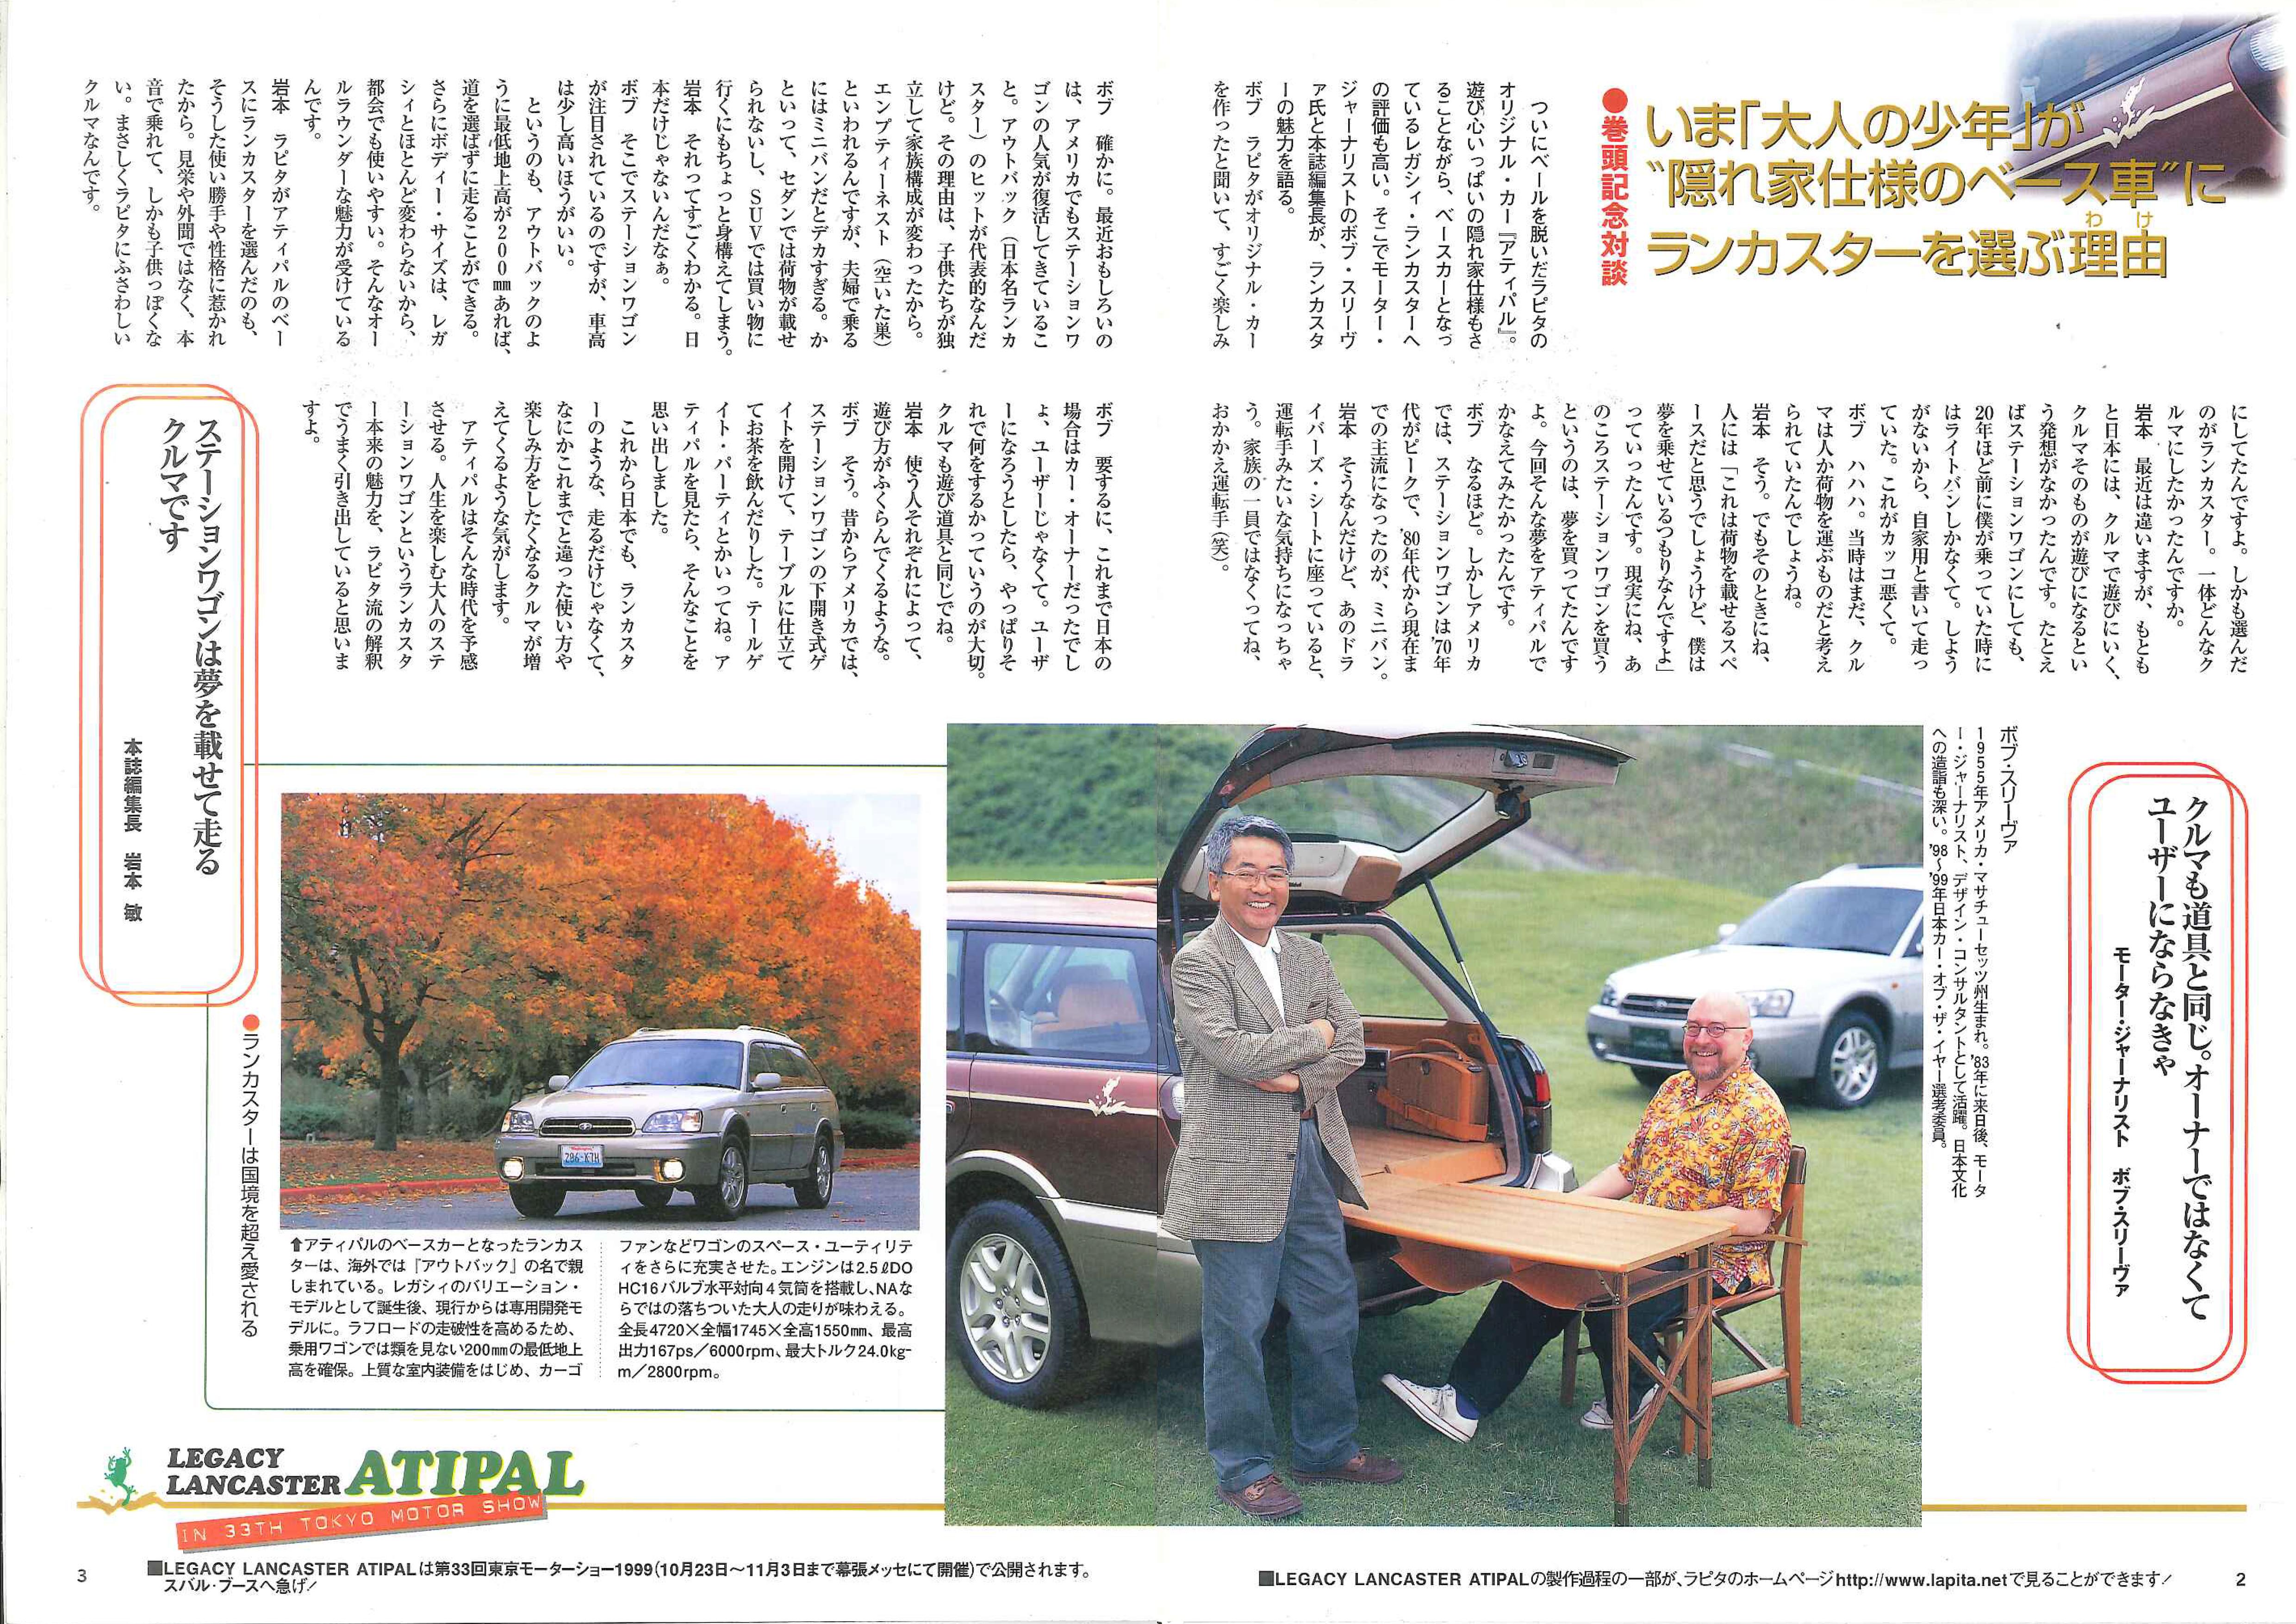 """alt=""""ラピタとのタイアップ車のレガシィ・ランカスター(スバル)の内装"""""""